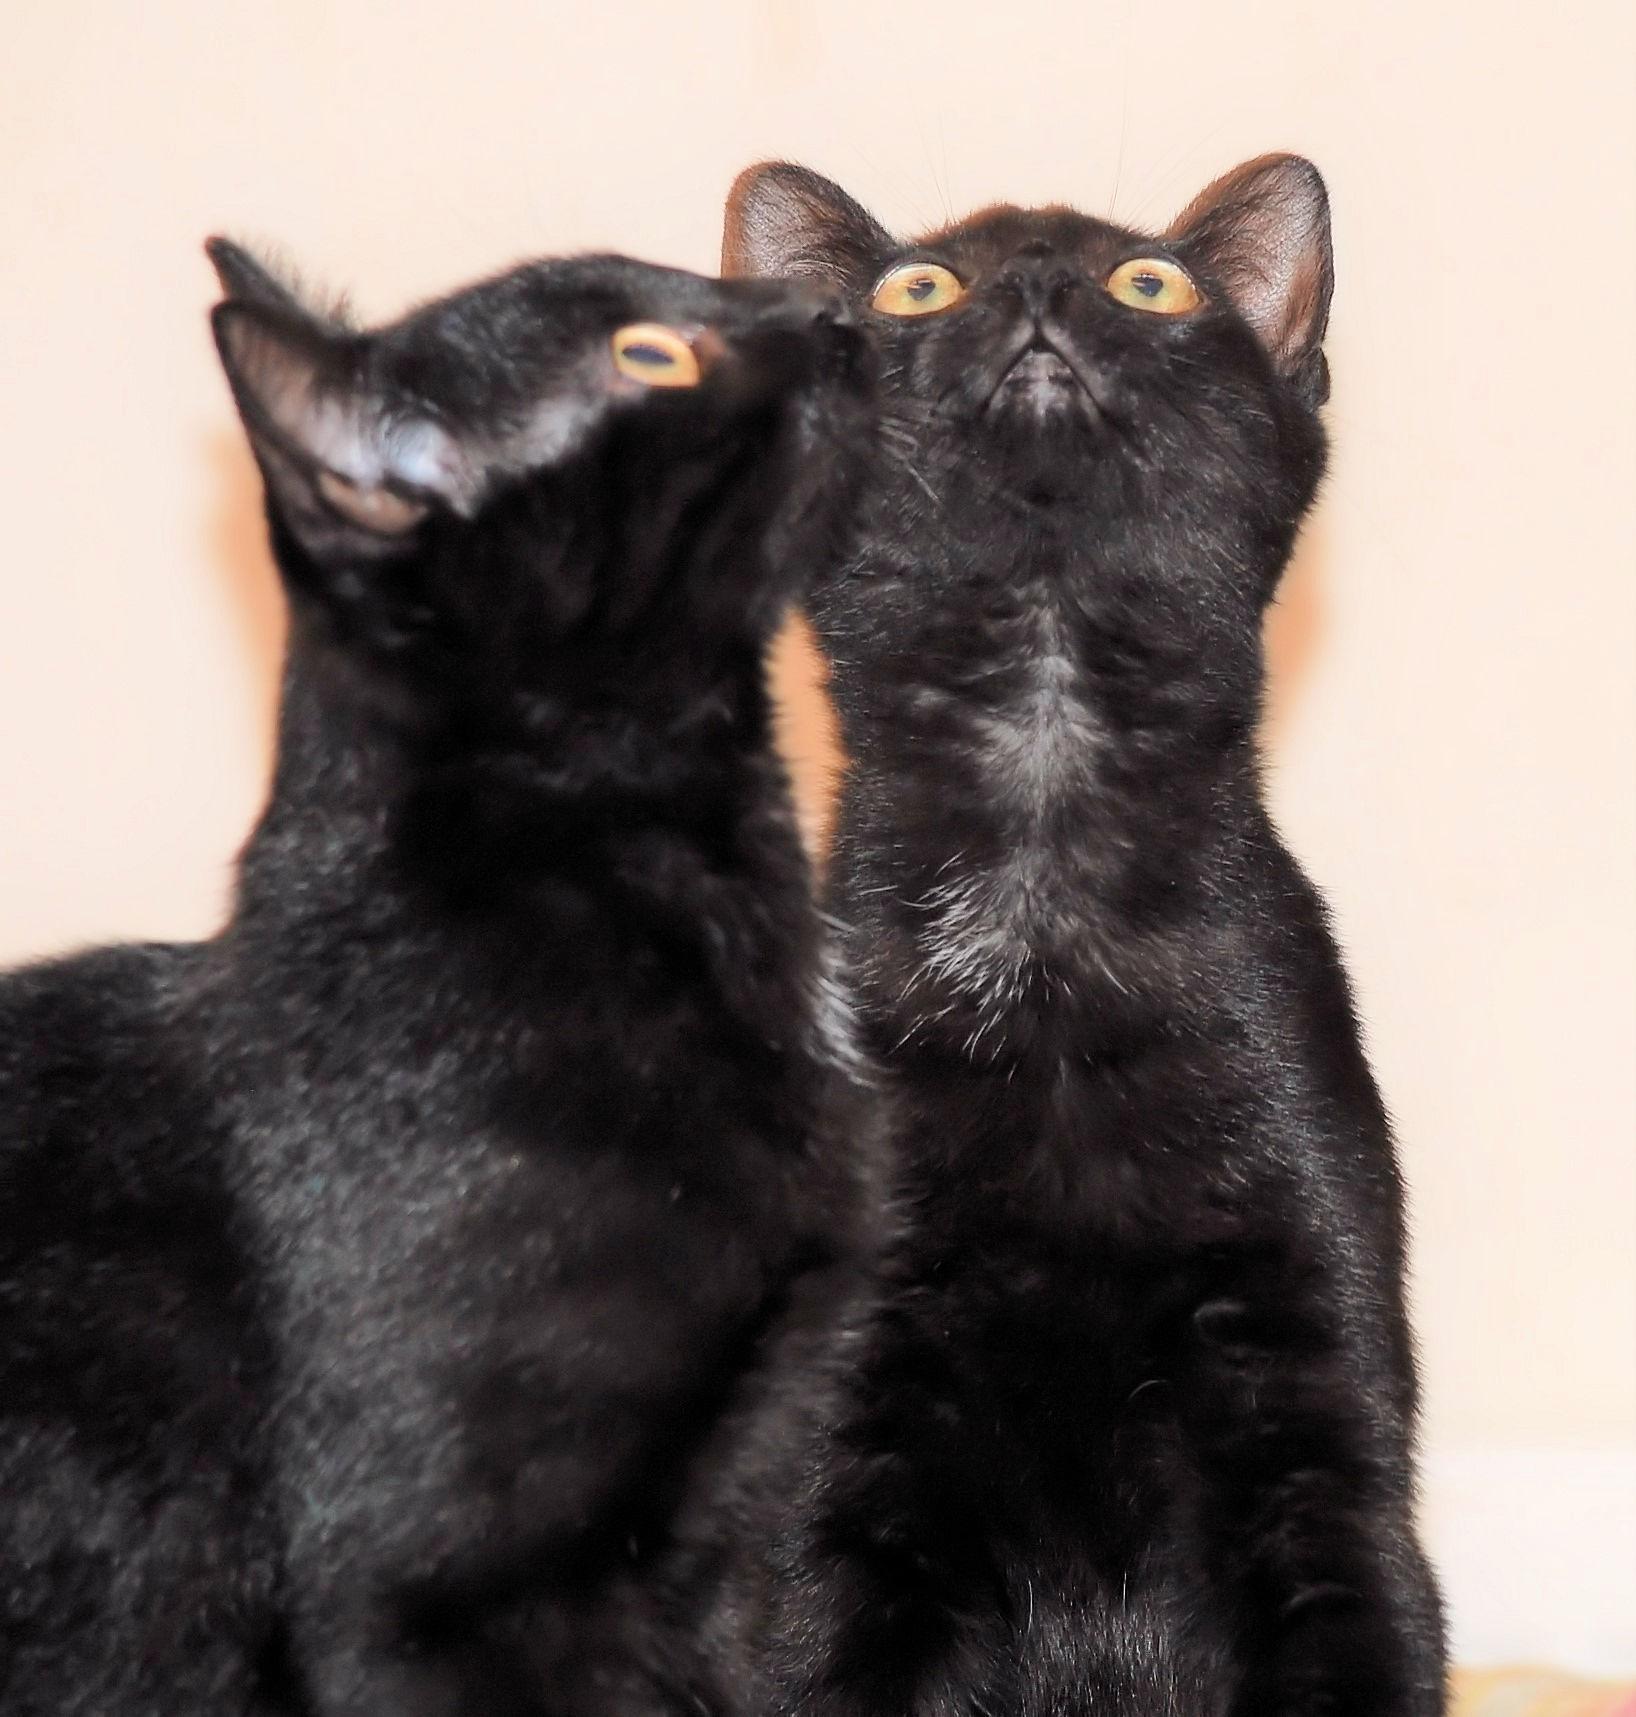 zwei kleine schwarze Kater, mit den Köpfen dicht beieinander, nach oben schauend